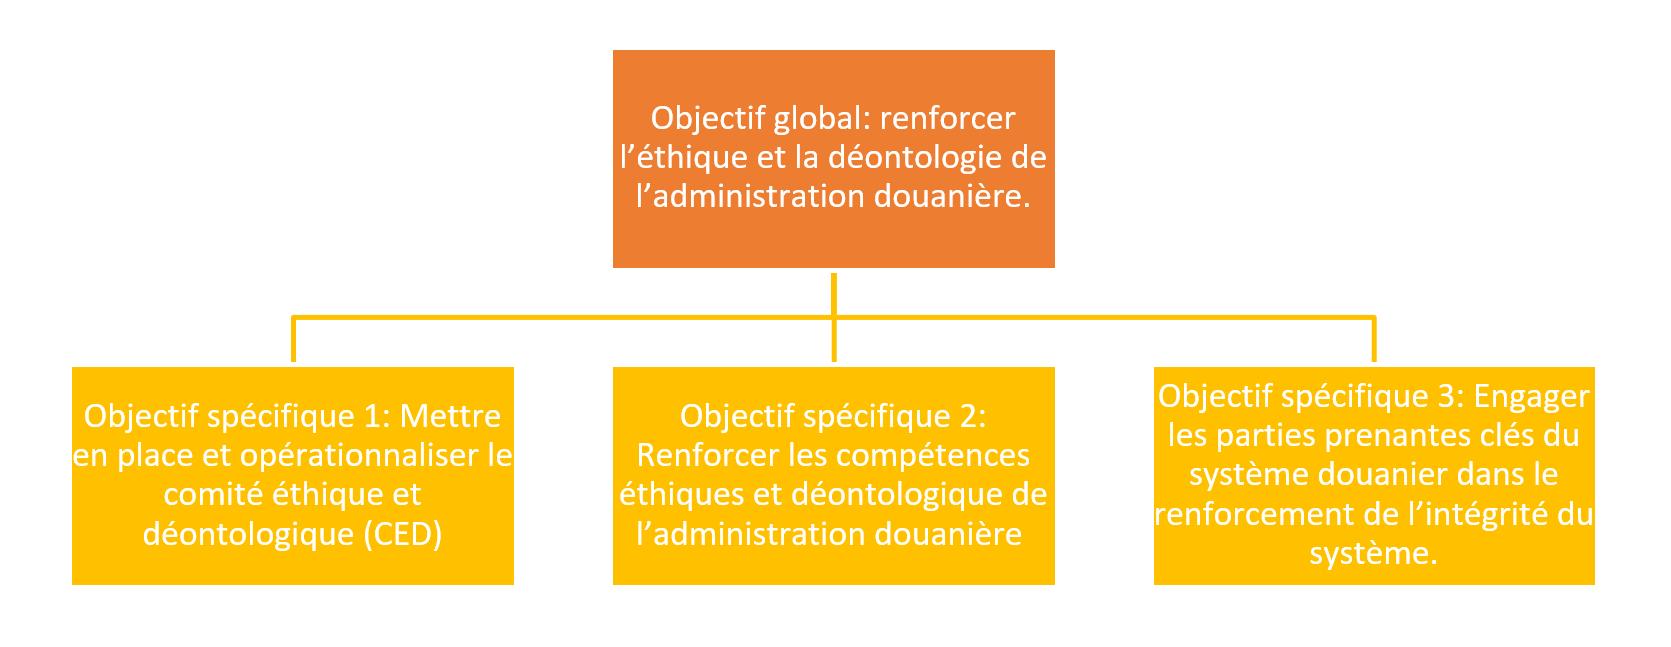 Illustration Renforcement de l'éthique et de la déontologie douanière